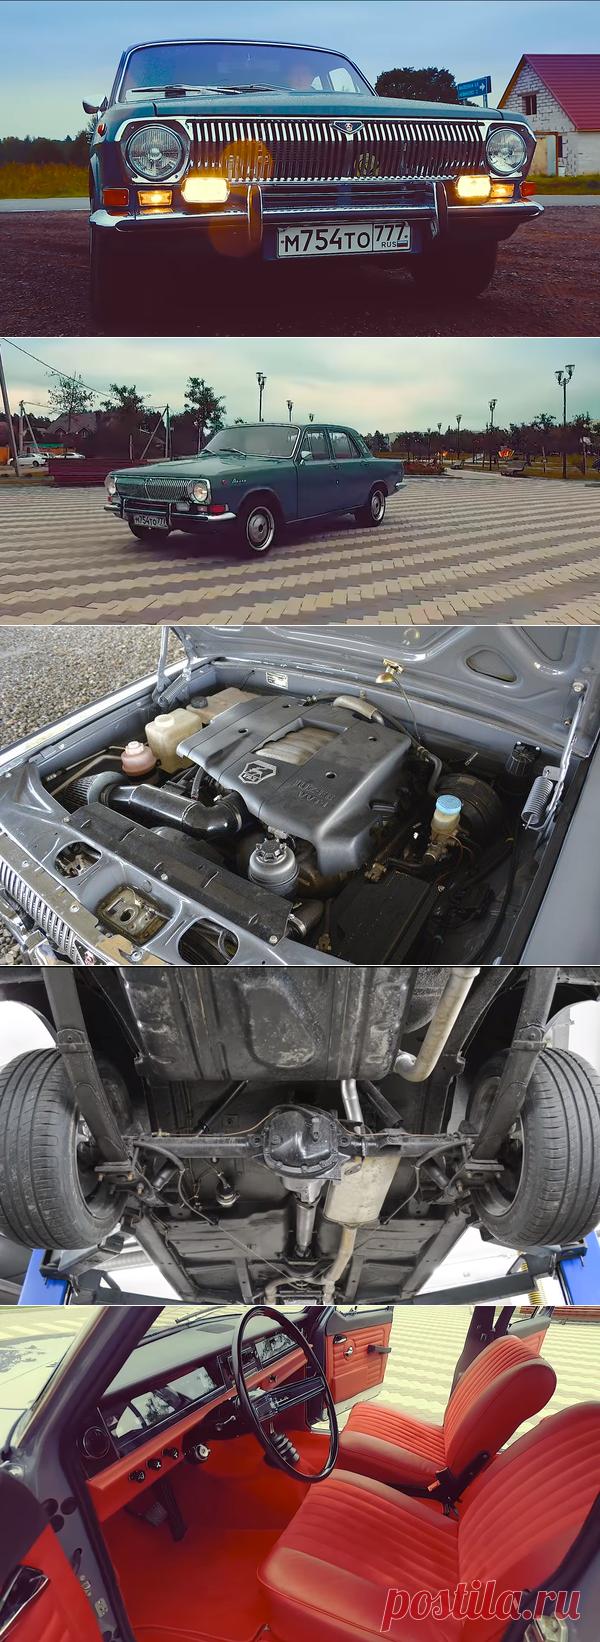 Мужик превратил Газ-24 в роскошное авто с V8 под капотом | Старый Гараж | Яндекс Дзен